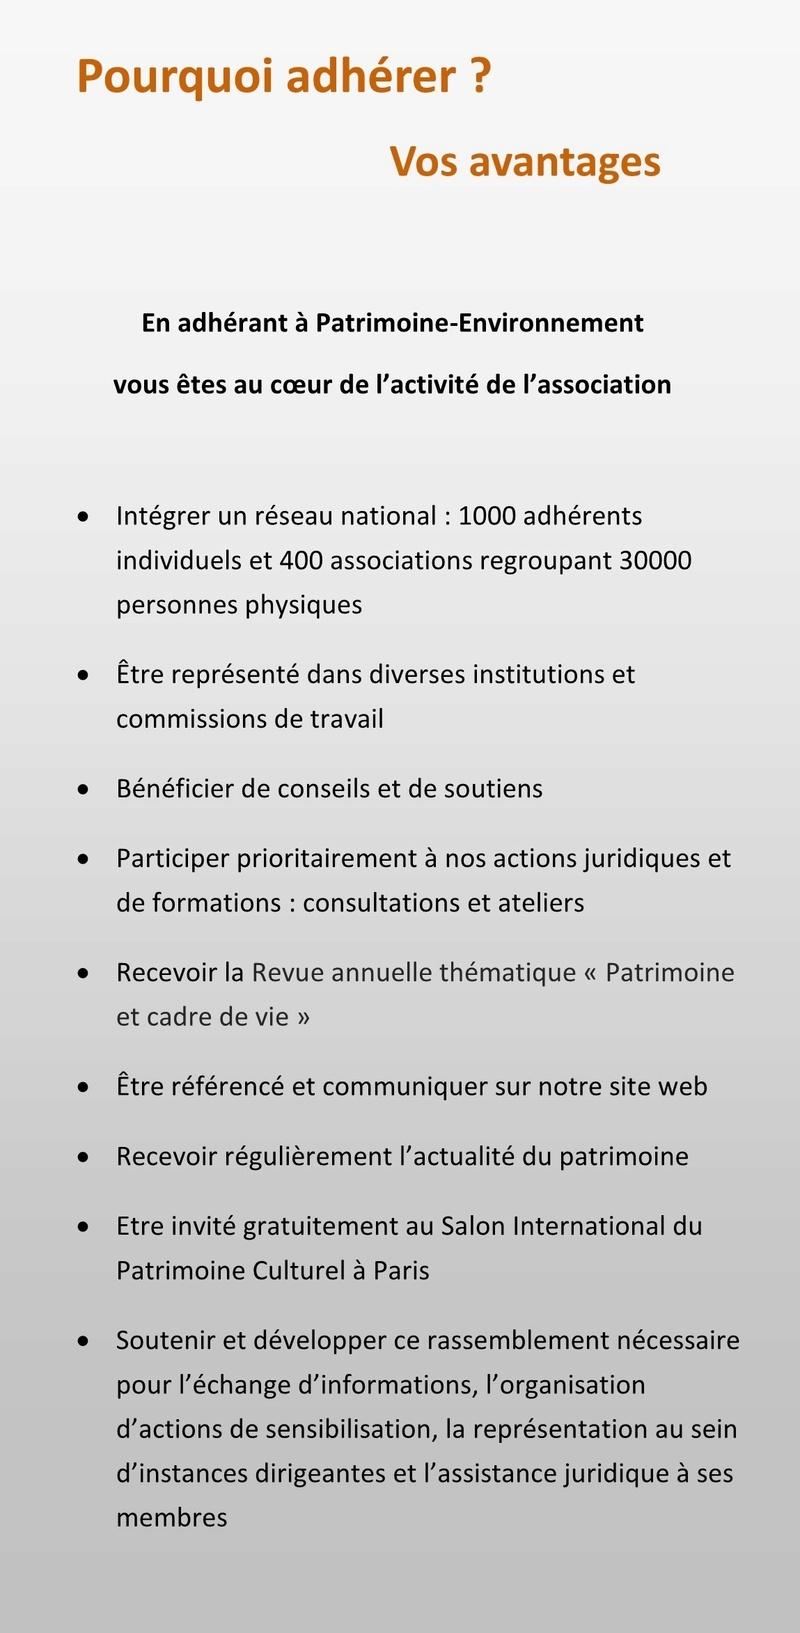 Patrimoine et Environment Plaque12